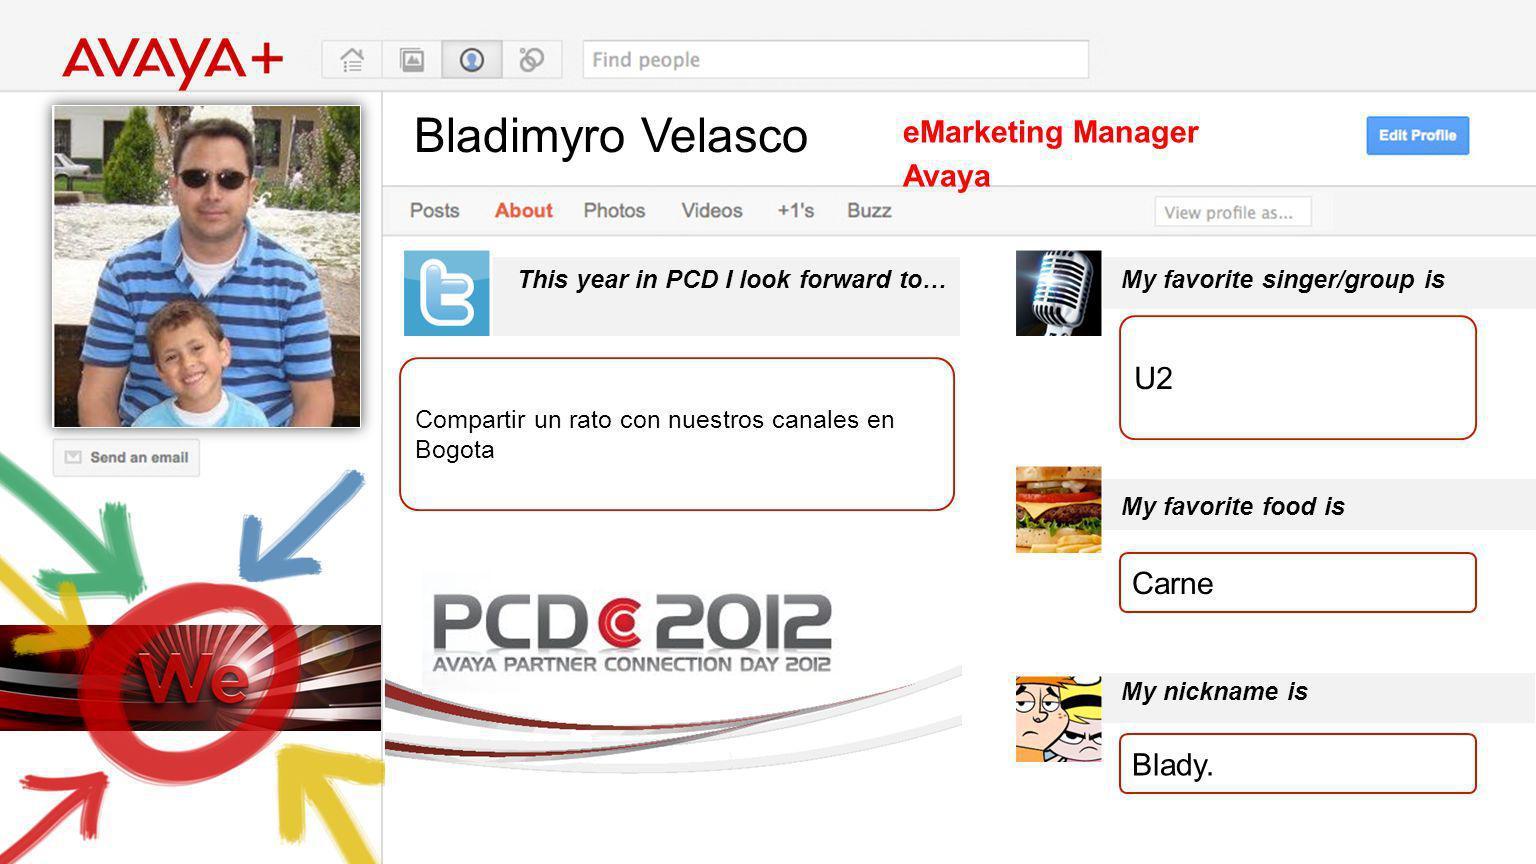 Bladimyro Velasco This year in PCD I look forward to… eMarketing Manager Avaya Compartir un rato con nuestros canales en Bogota My favorite singer/gro